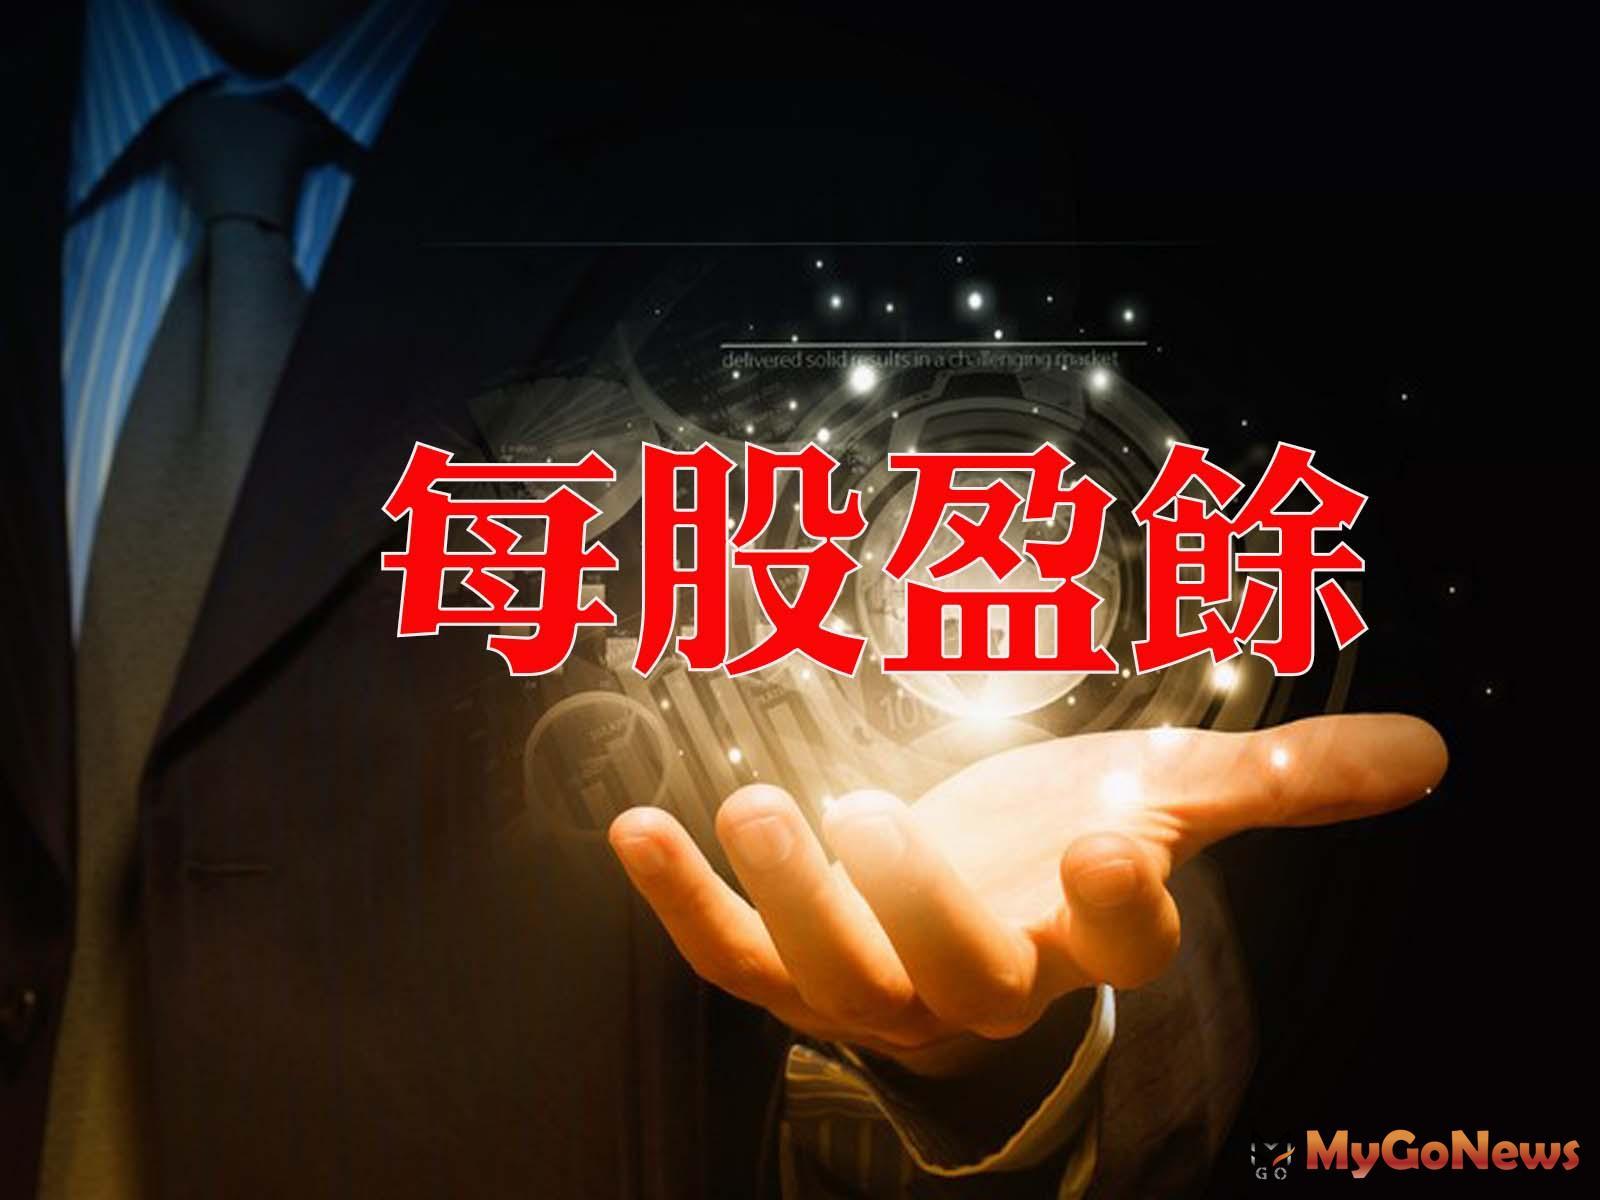 欣陸投控(3703) 2021年第一季每股盈餘0.58元,較2020年同期成長35.8% MyGoNews房地產新聞 市場快訊